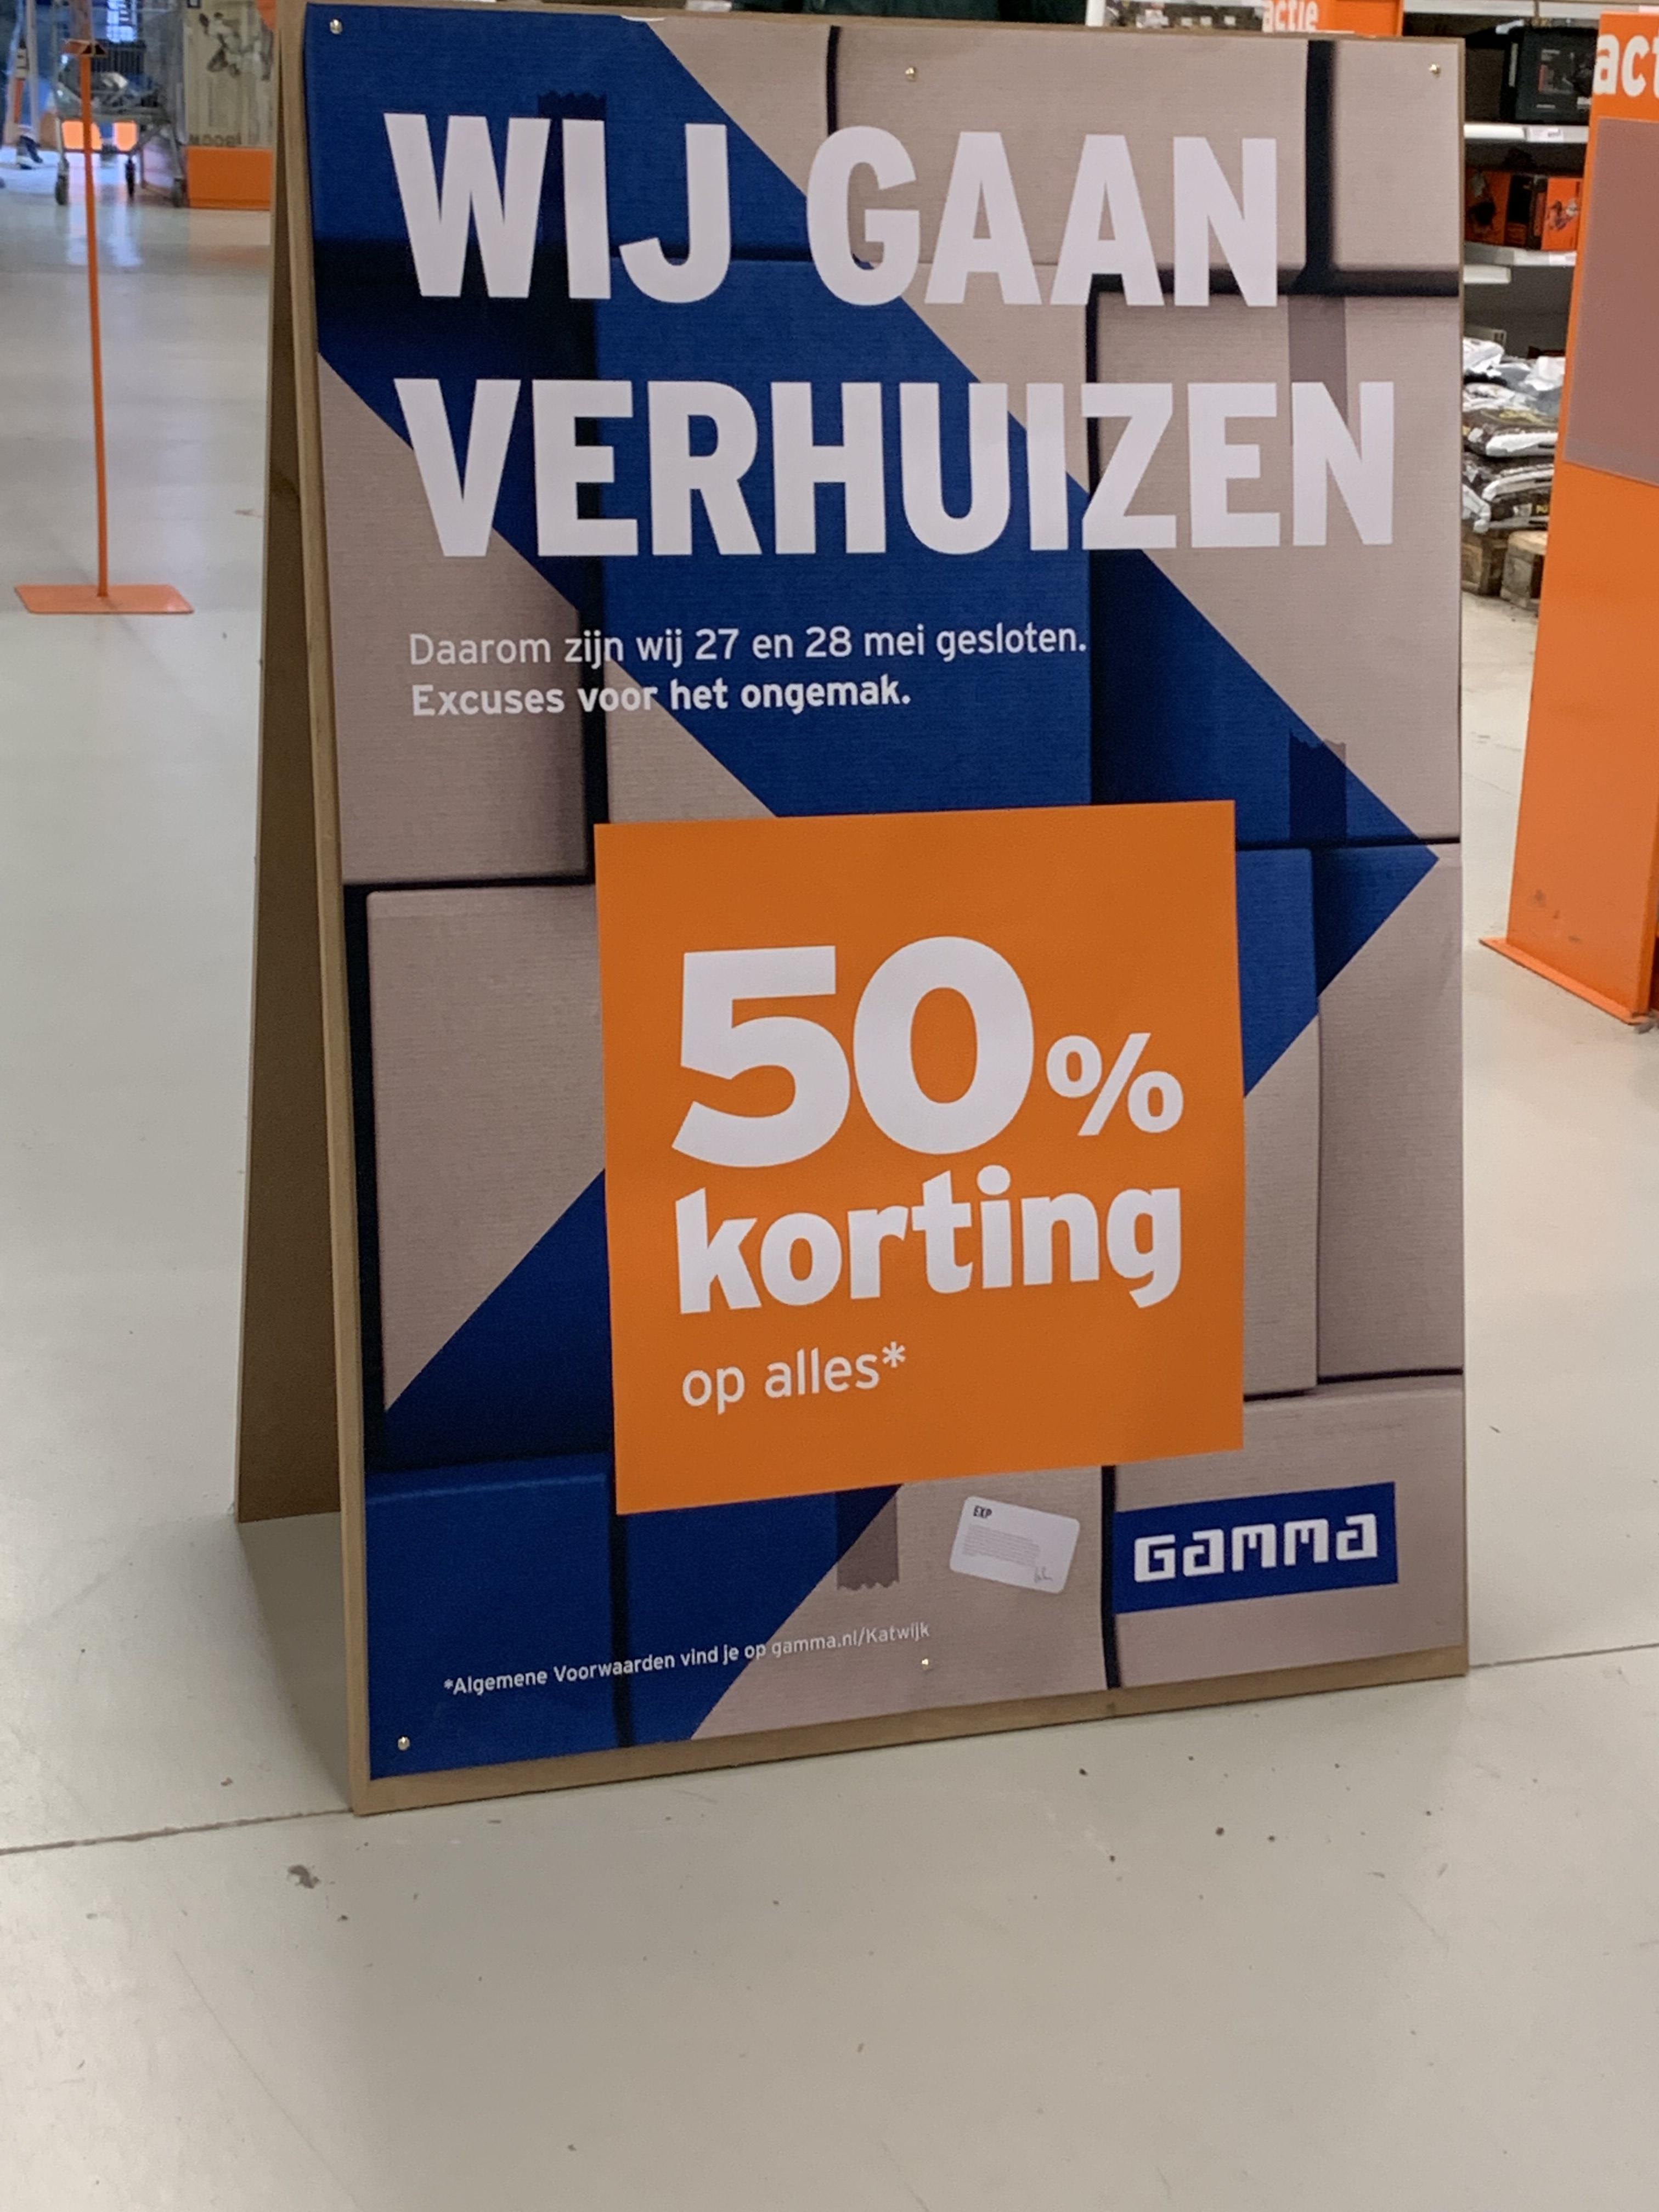 Lokaal gamma Katwijk 50% korting op alles!